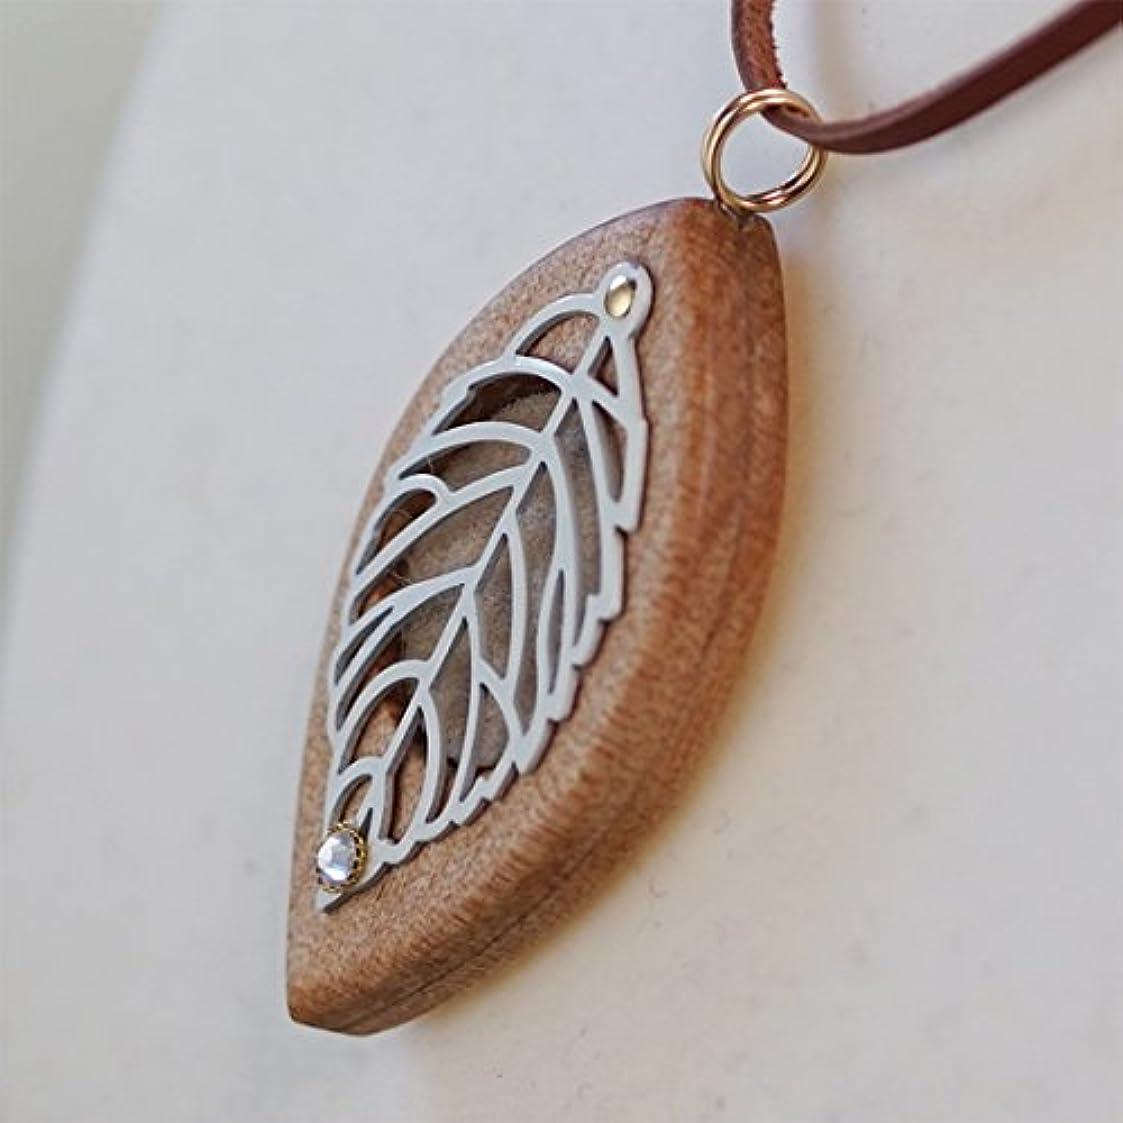 量句公爵木製オリジナルアロマペンダント 【天使の小瓶】 木の葉(シルバー)